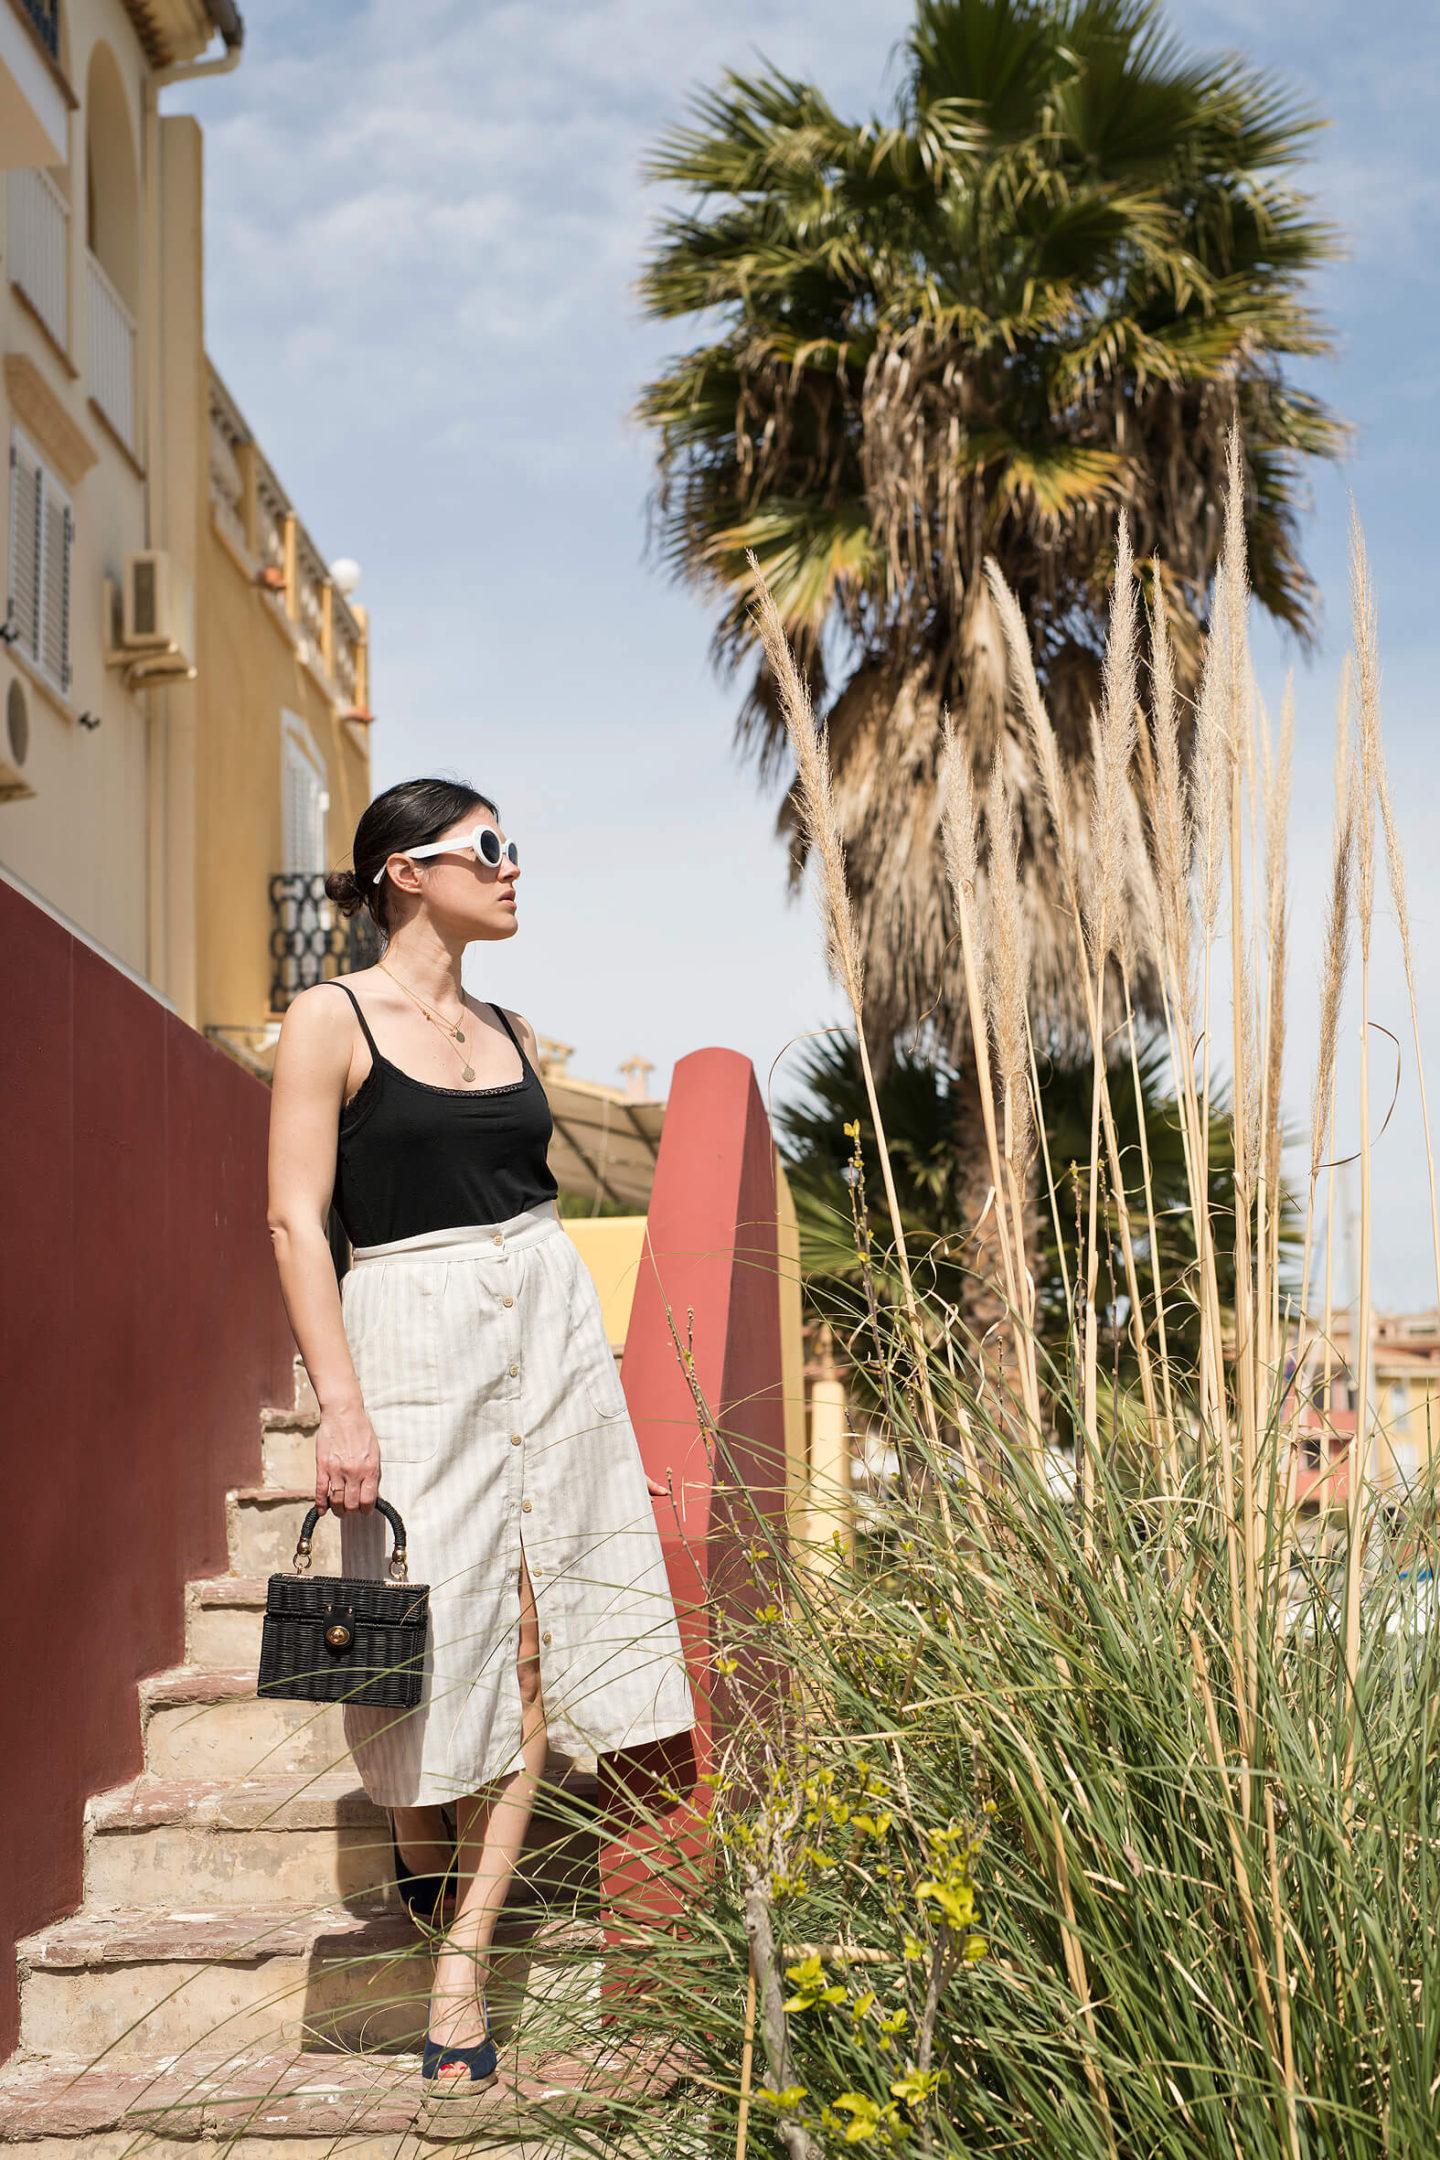 Betty London Spartoo X L'atelier d'al collaboration mode Blog lifestyle Fashion Paris